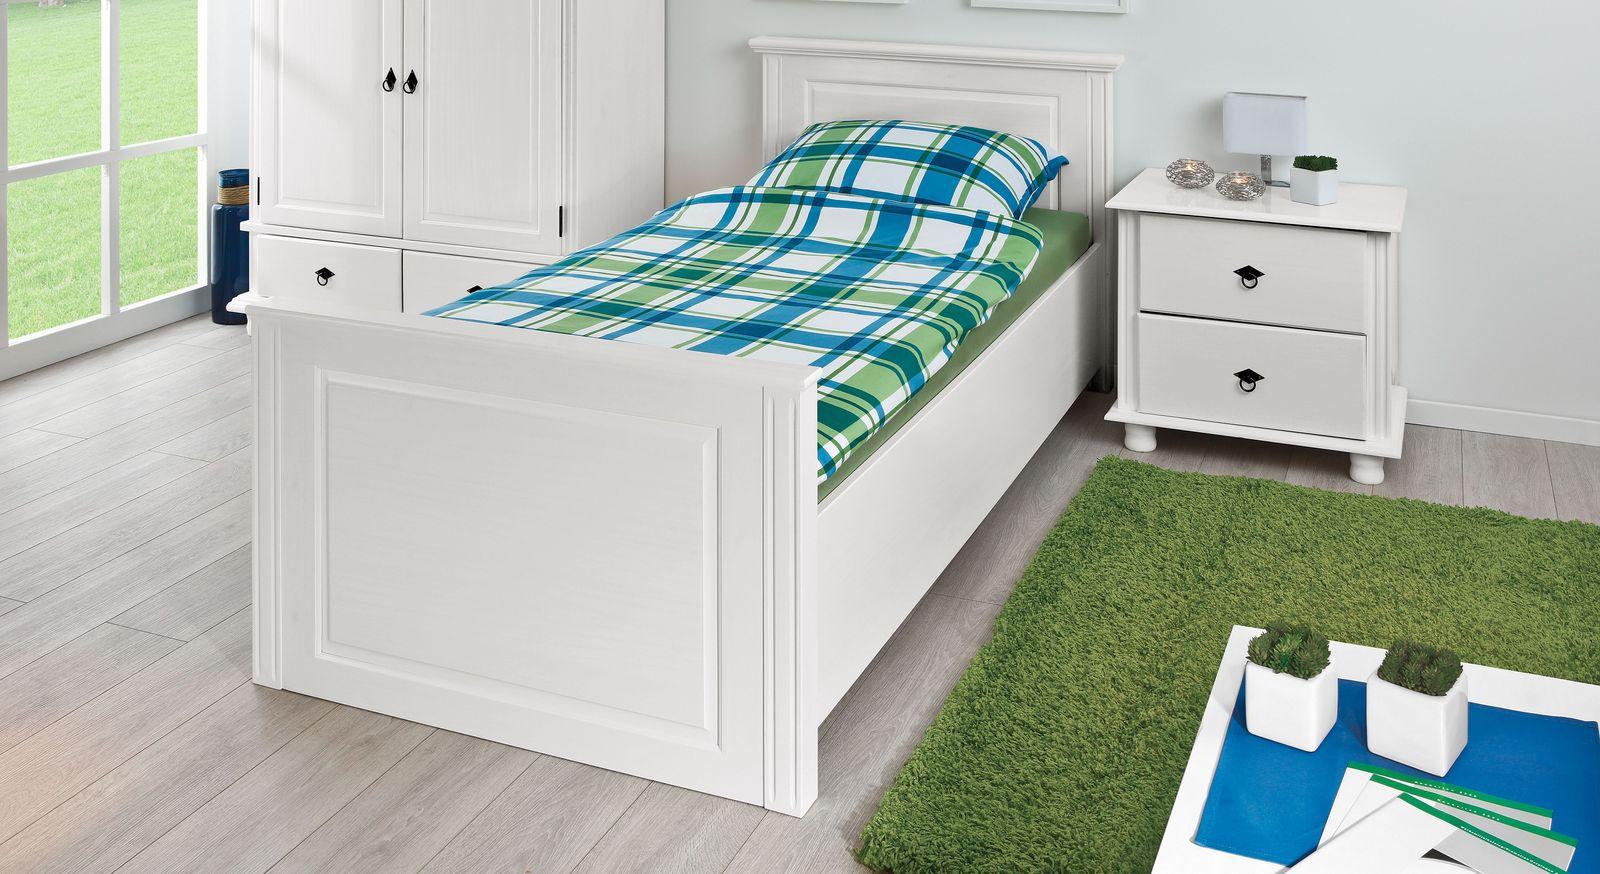 landhausstil weiss preisvergleich die besten angebote online kaufen. Black Bedroom Furniture Sets. Home Design Ideas